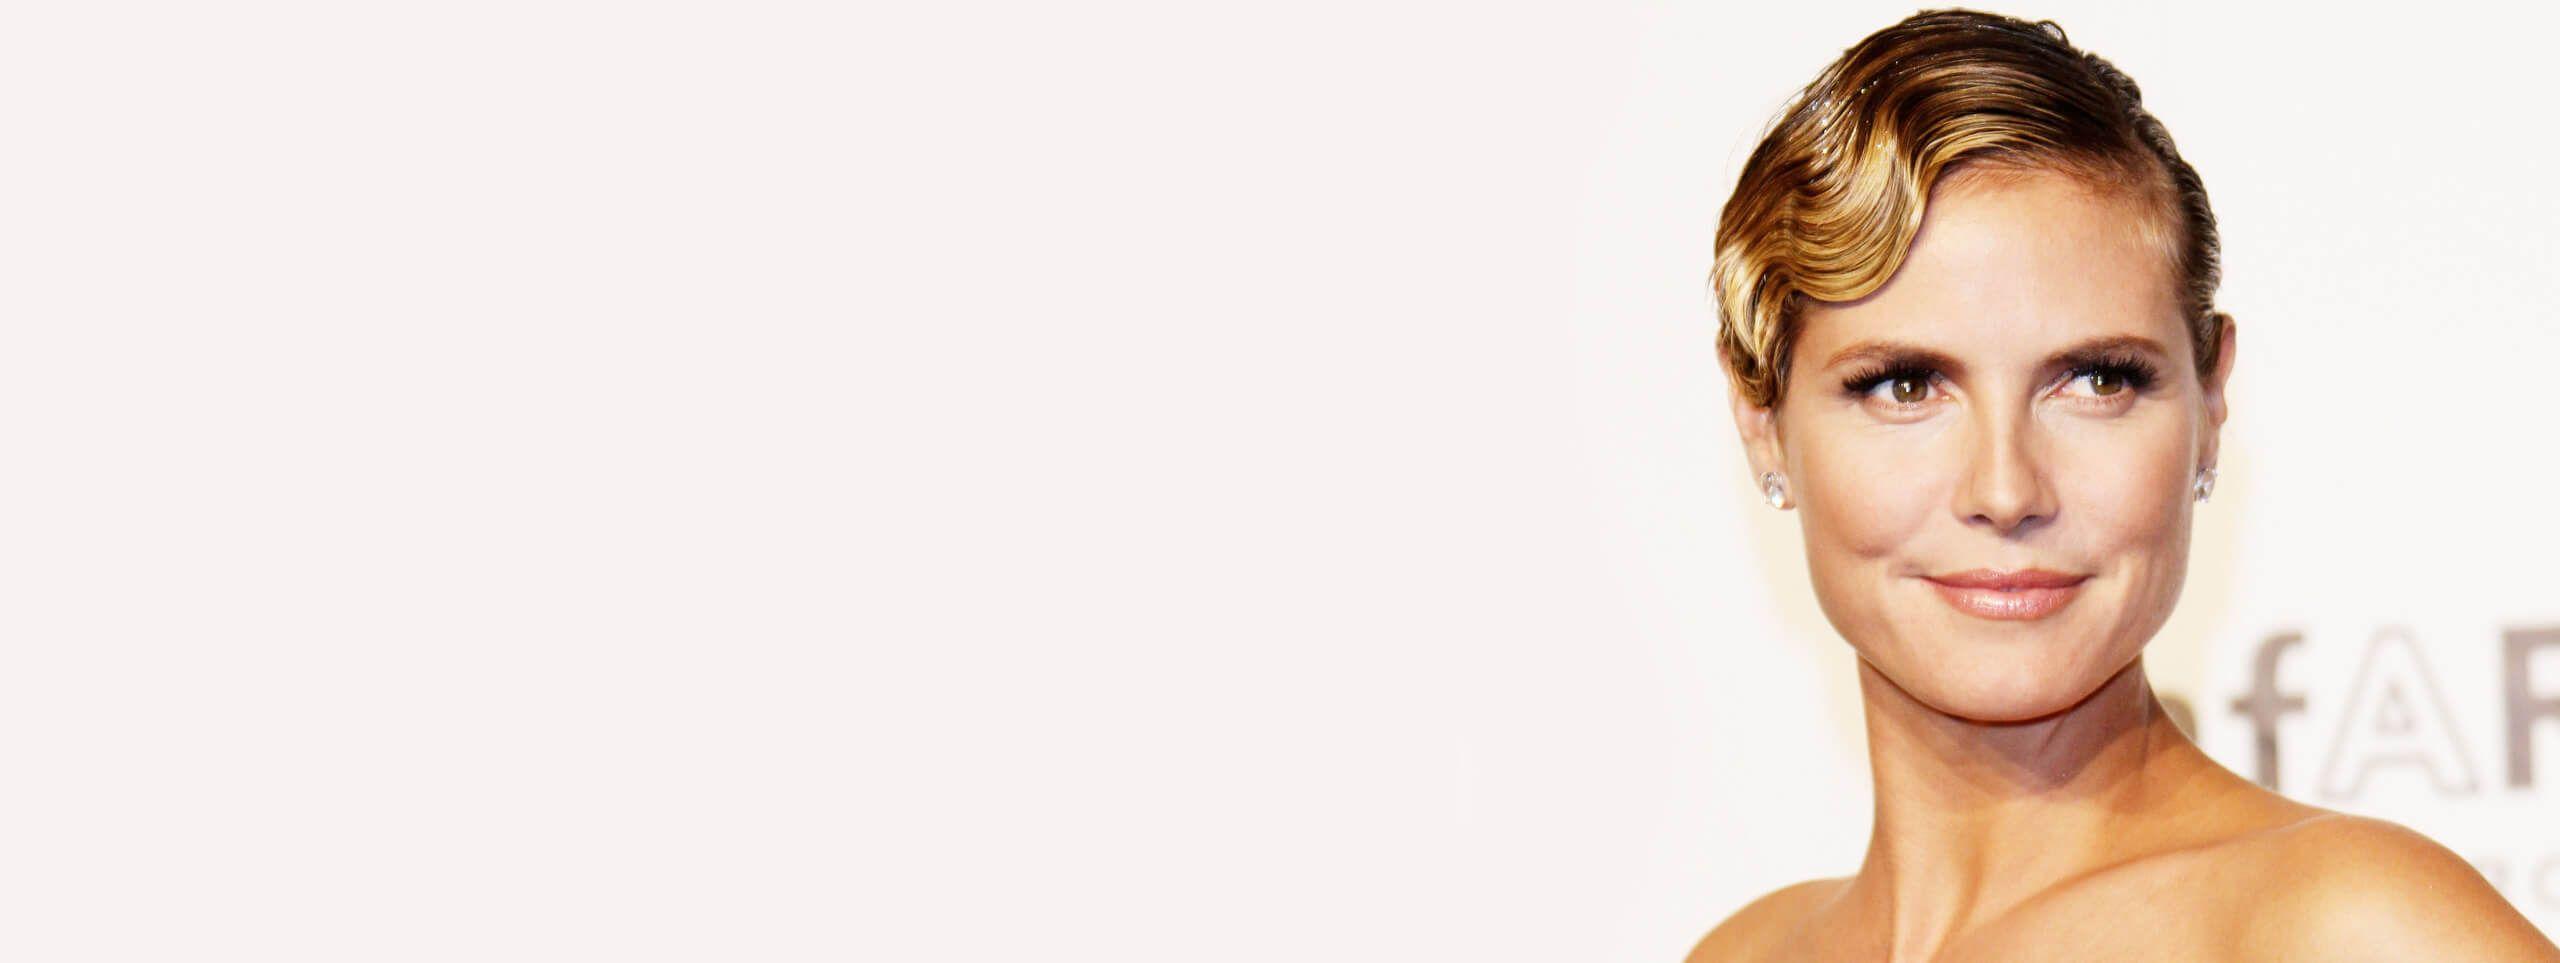 Heidi Klum coupe crantée